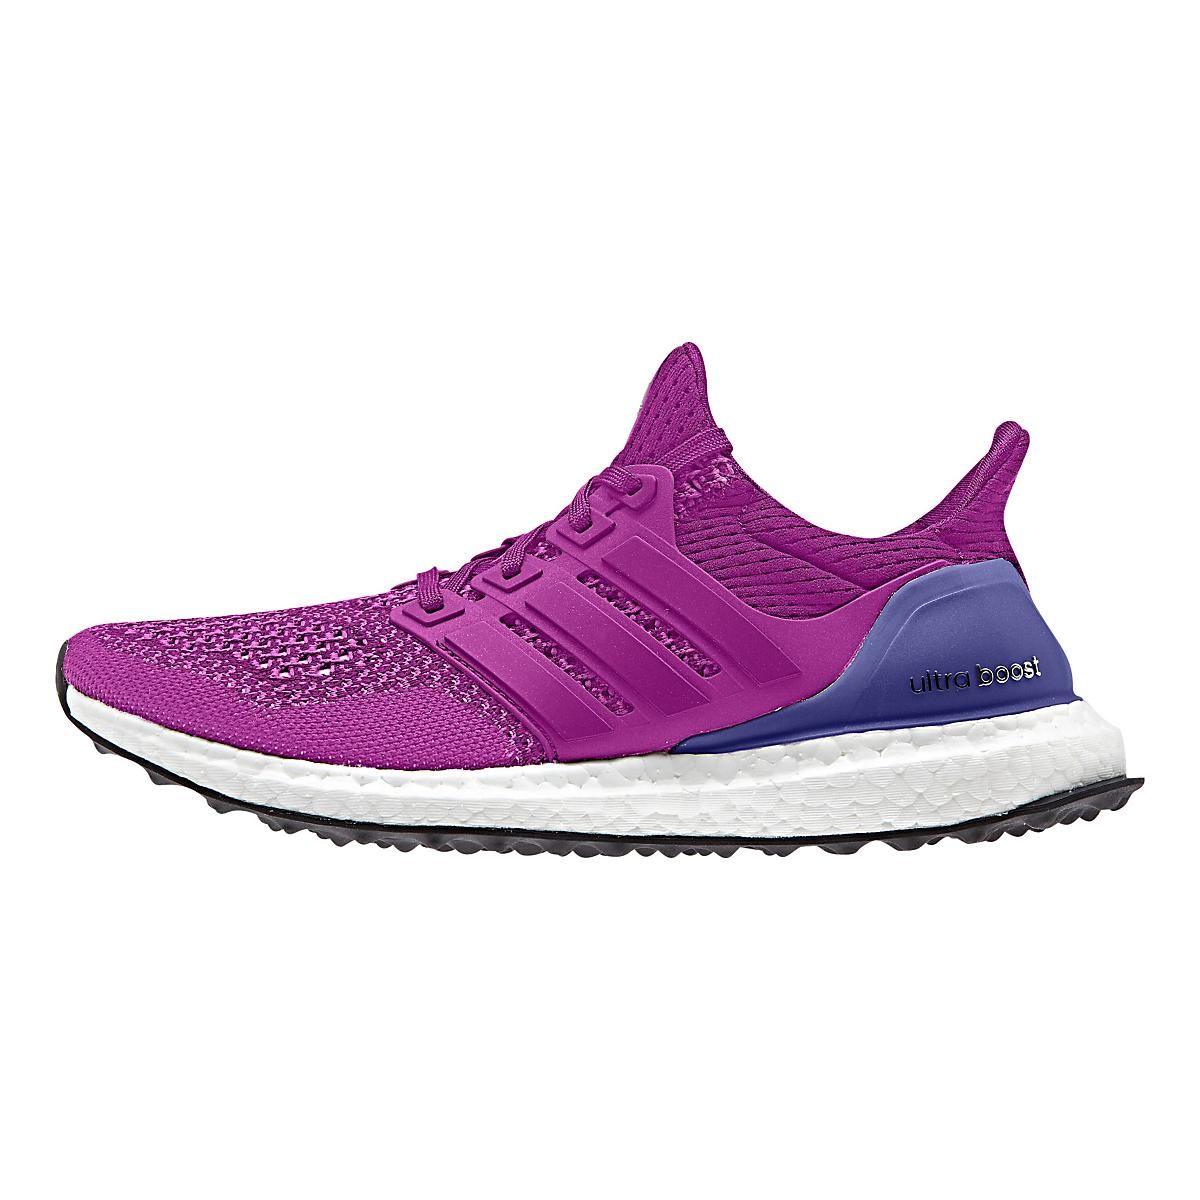 Ultra impulsar Pinterest Adidas, Adidas y Adidas zapatos de las mujeres